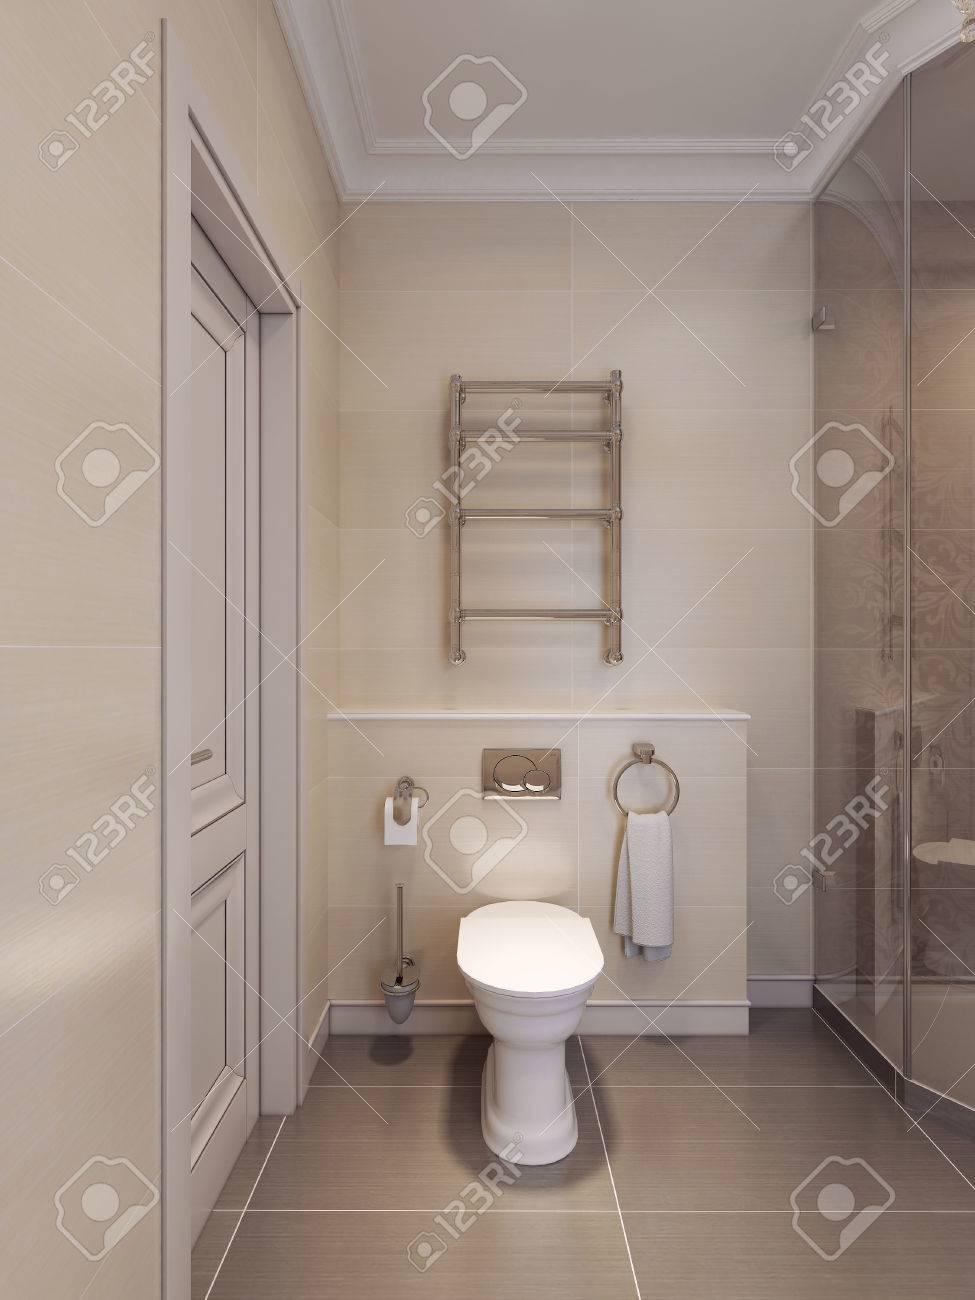 AuBergewohnlich WC Im Art Deco Stil. Brown Und Beige Fliesen An Den Wänden Und